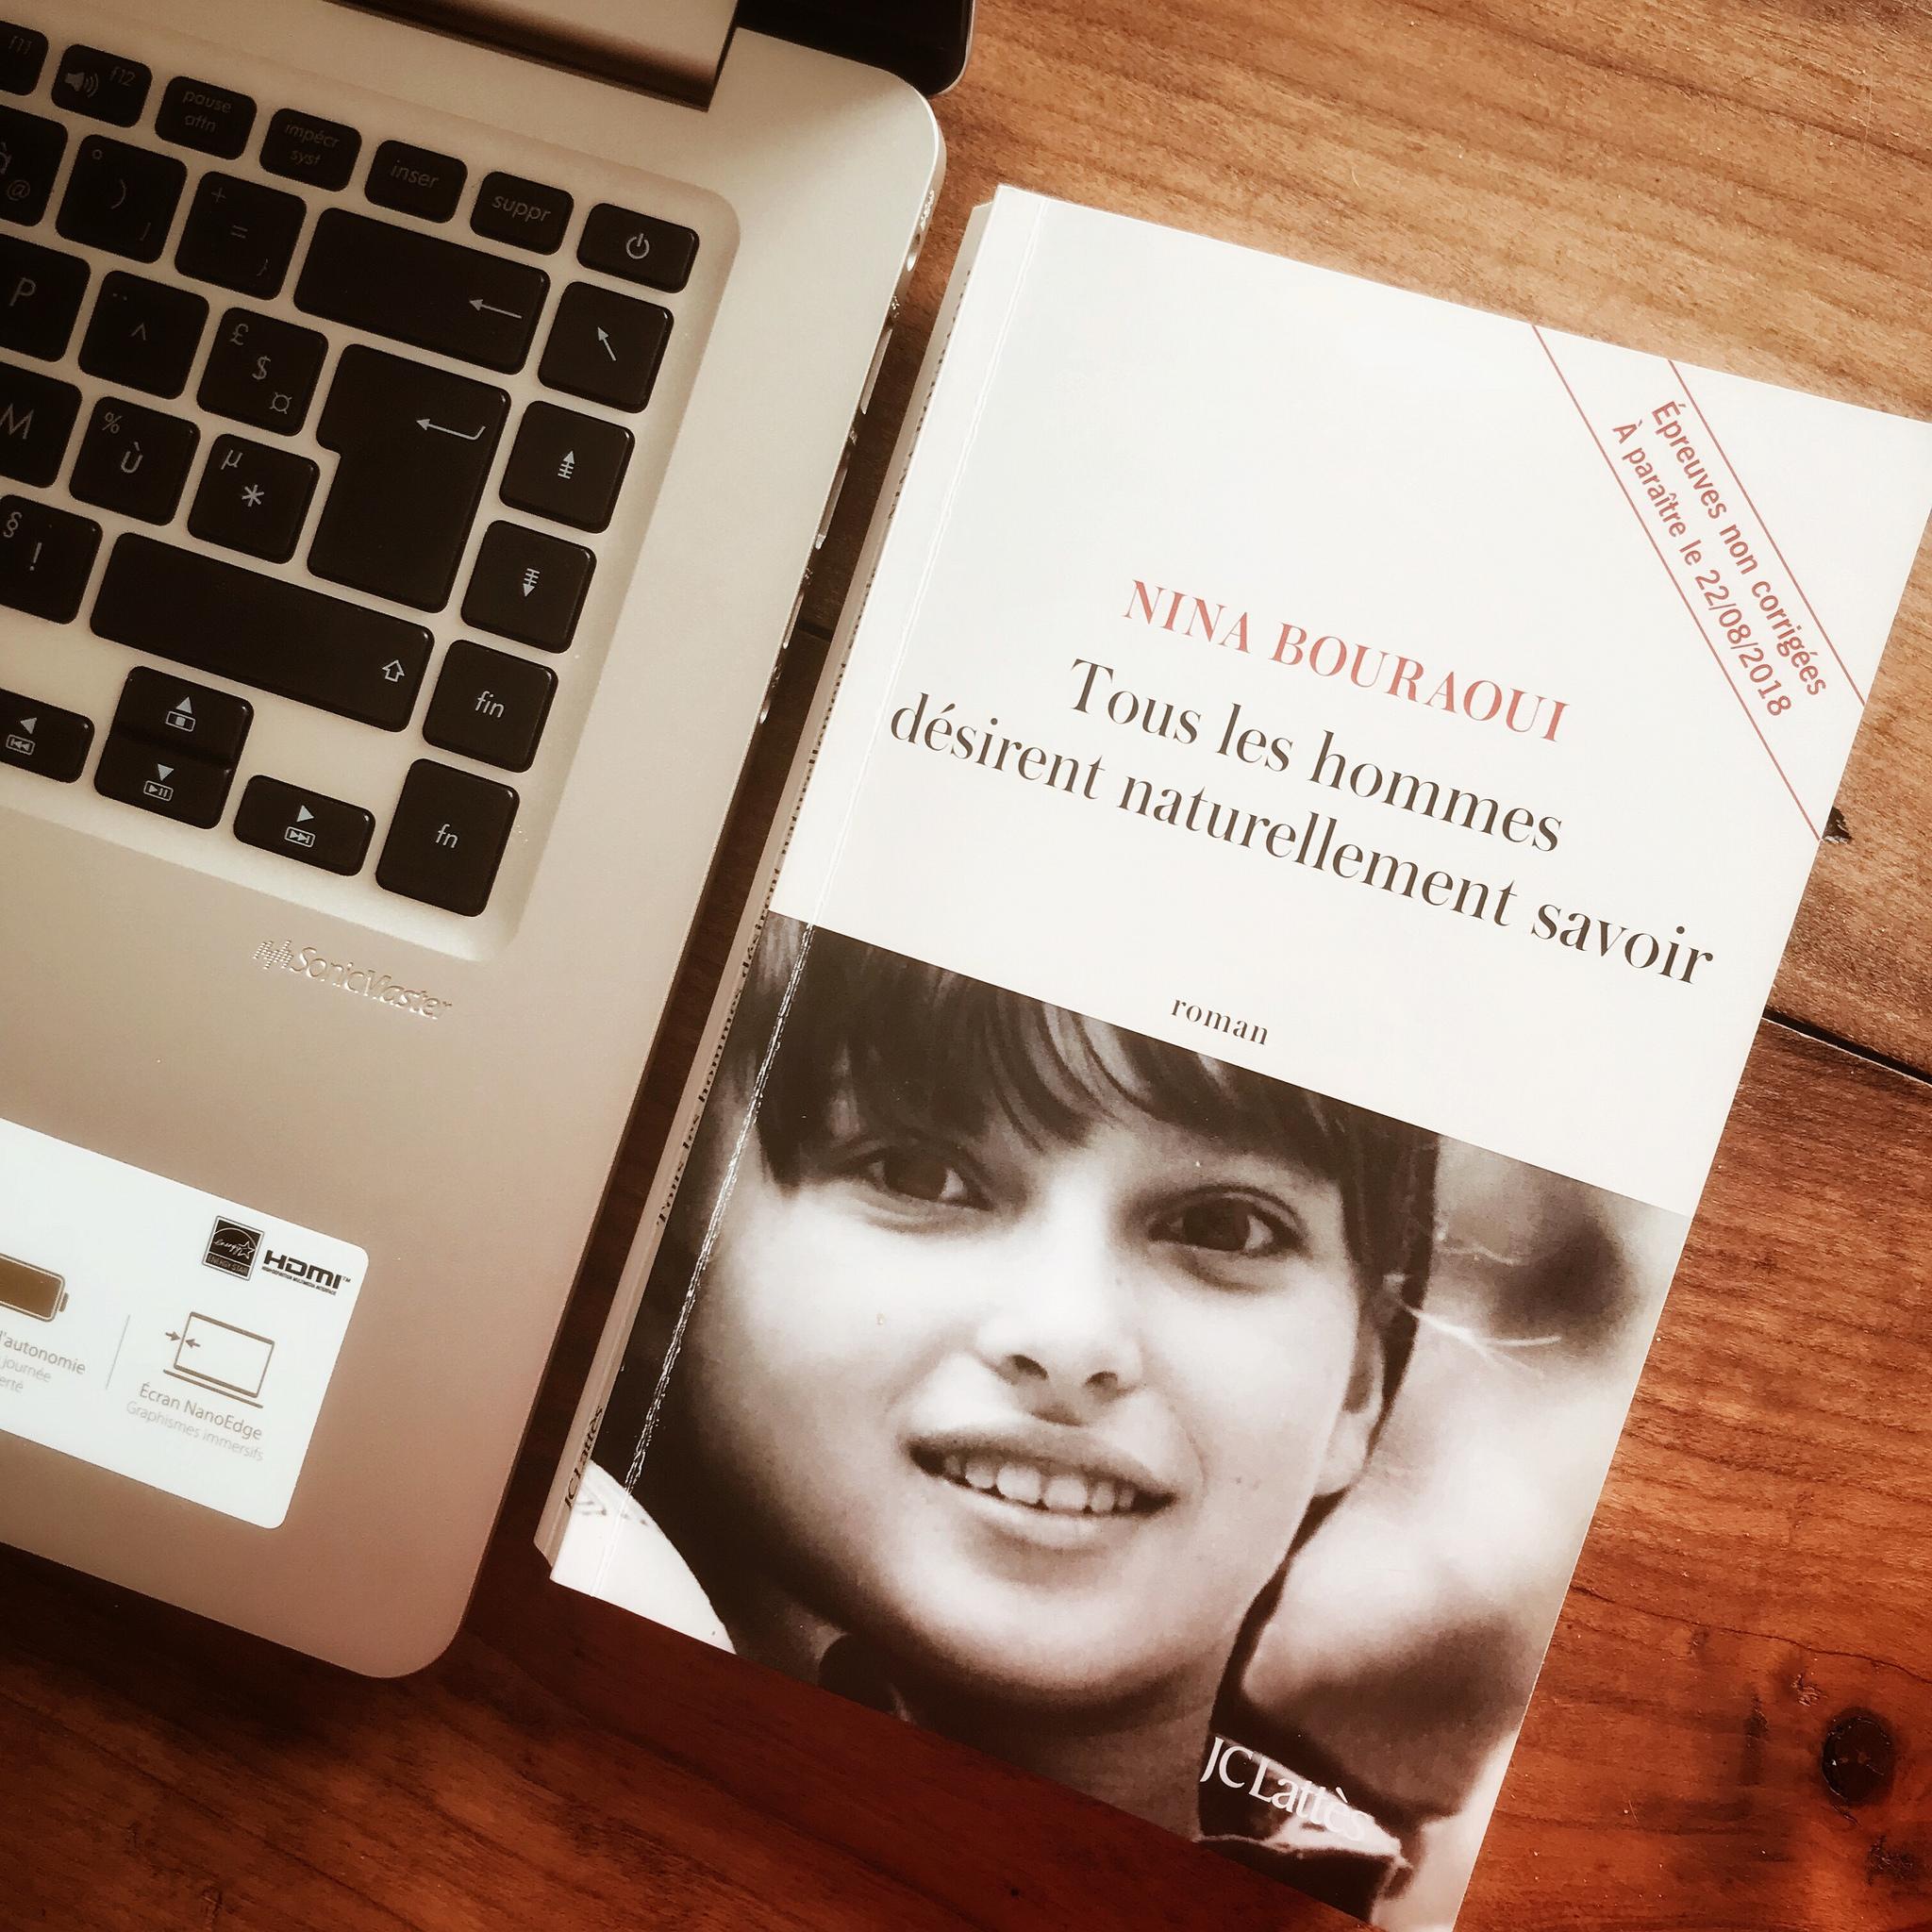 Tous les hommes désirent naturellement savoir, de Nina Bouraoui : se souvenir, devenir